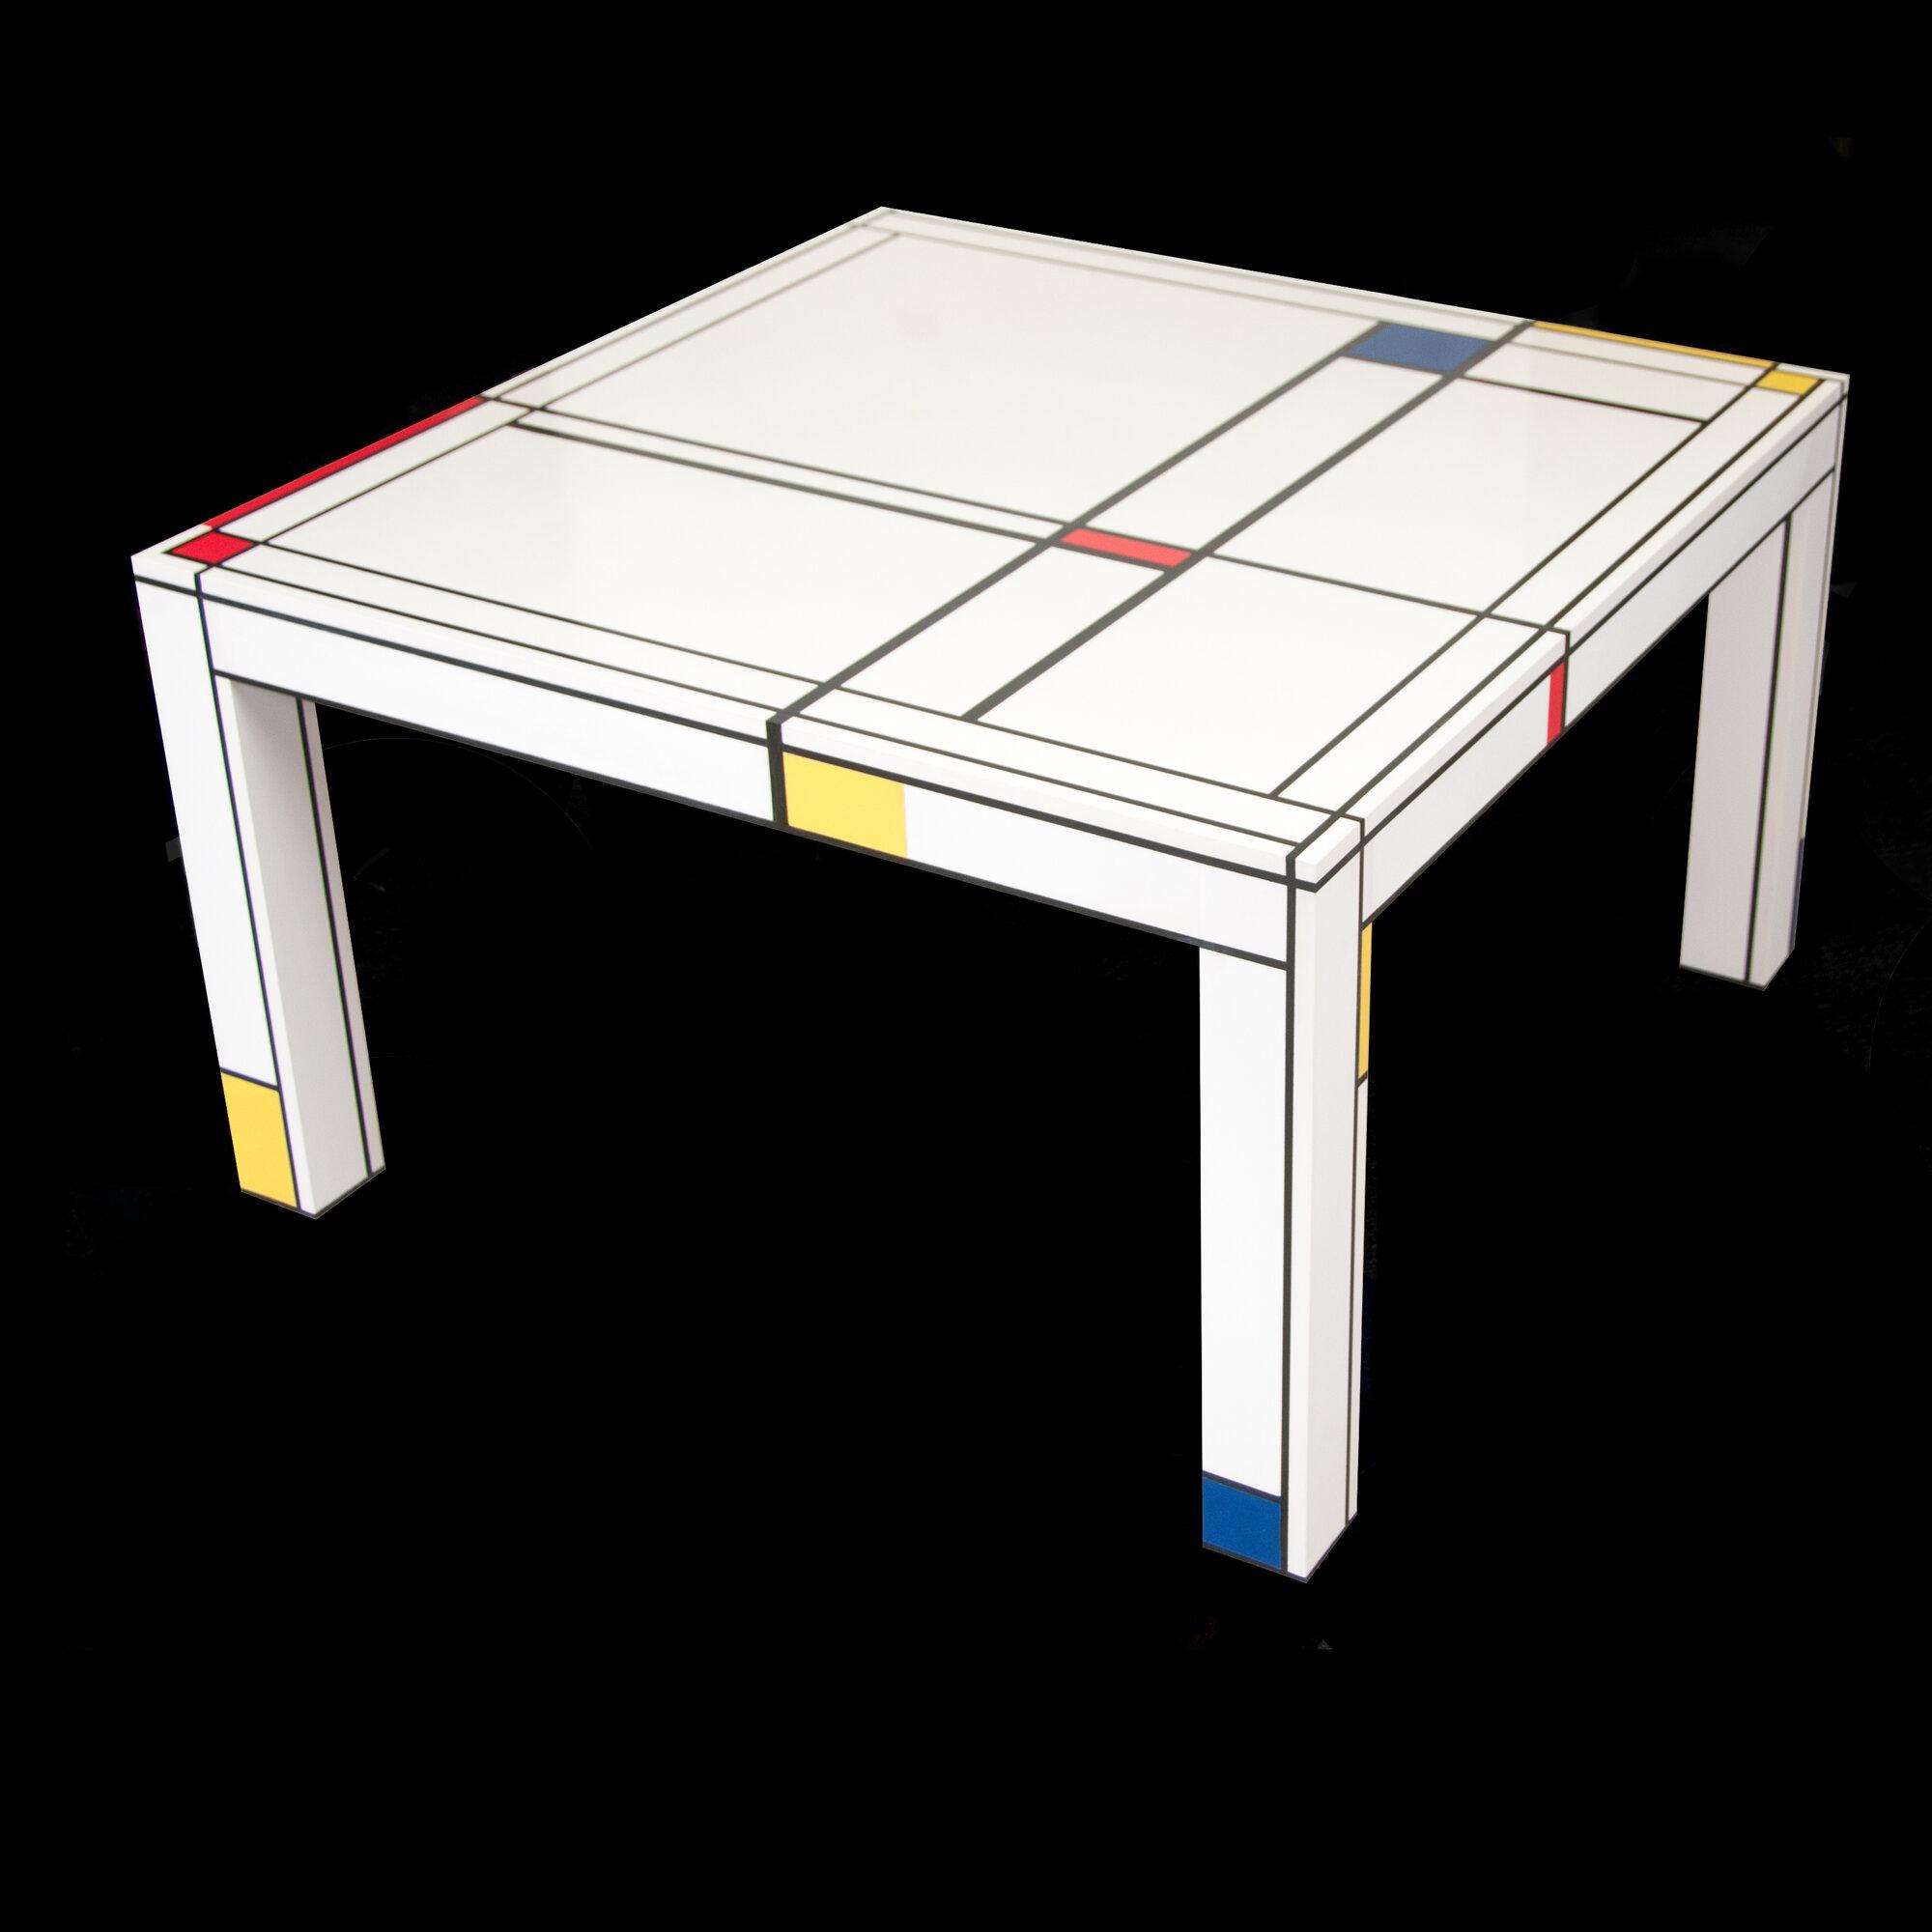 In Honor of Mondrian